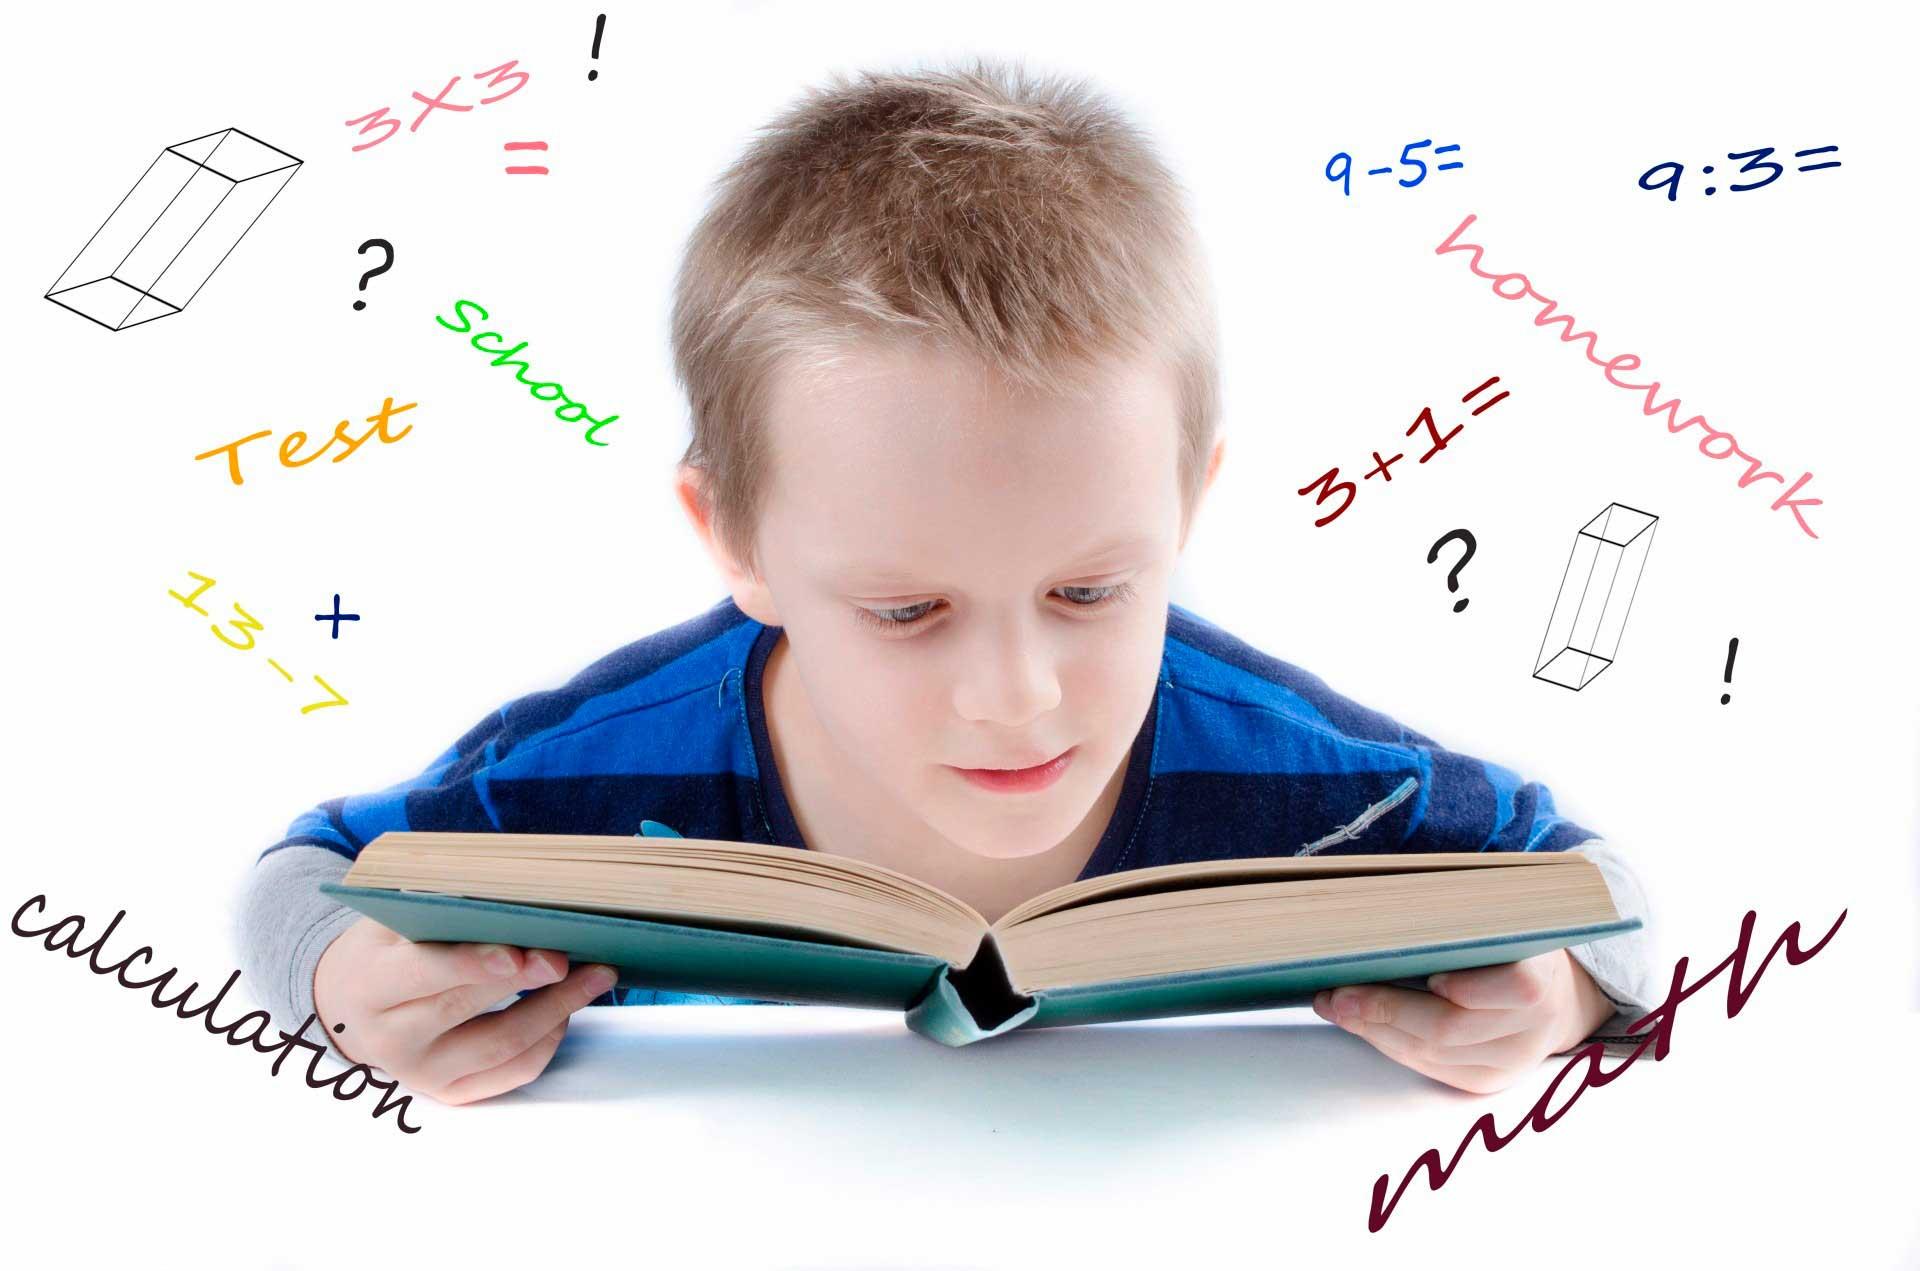 5-recursos-para-animar-a-los-ninos-a-estudiar-matematicas